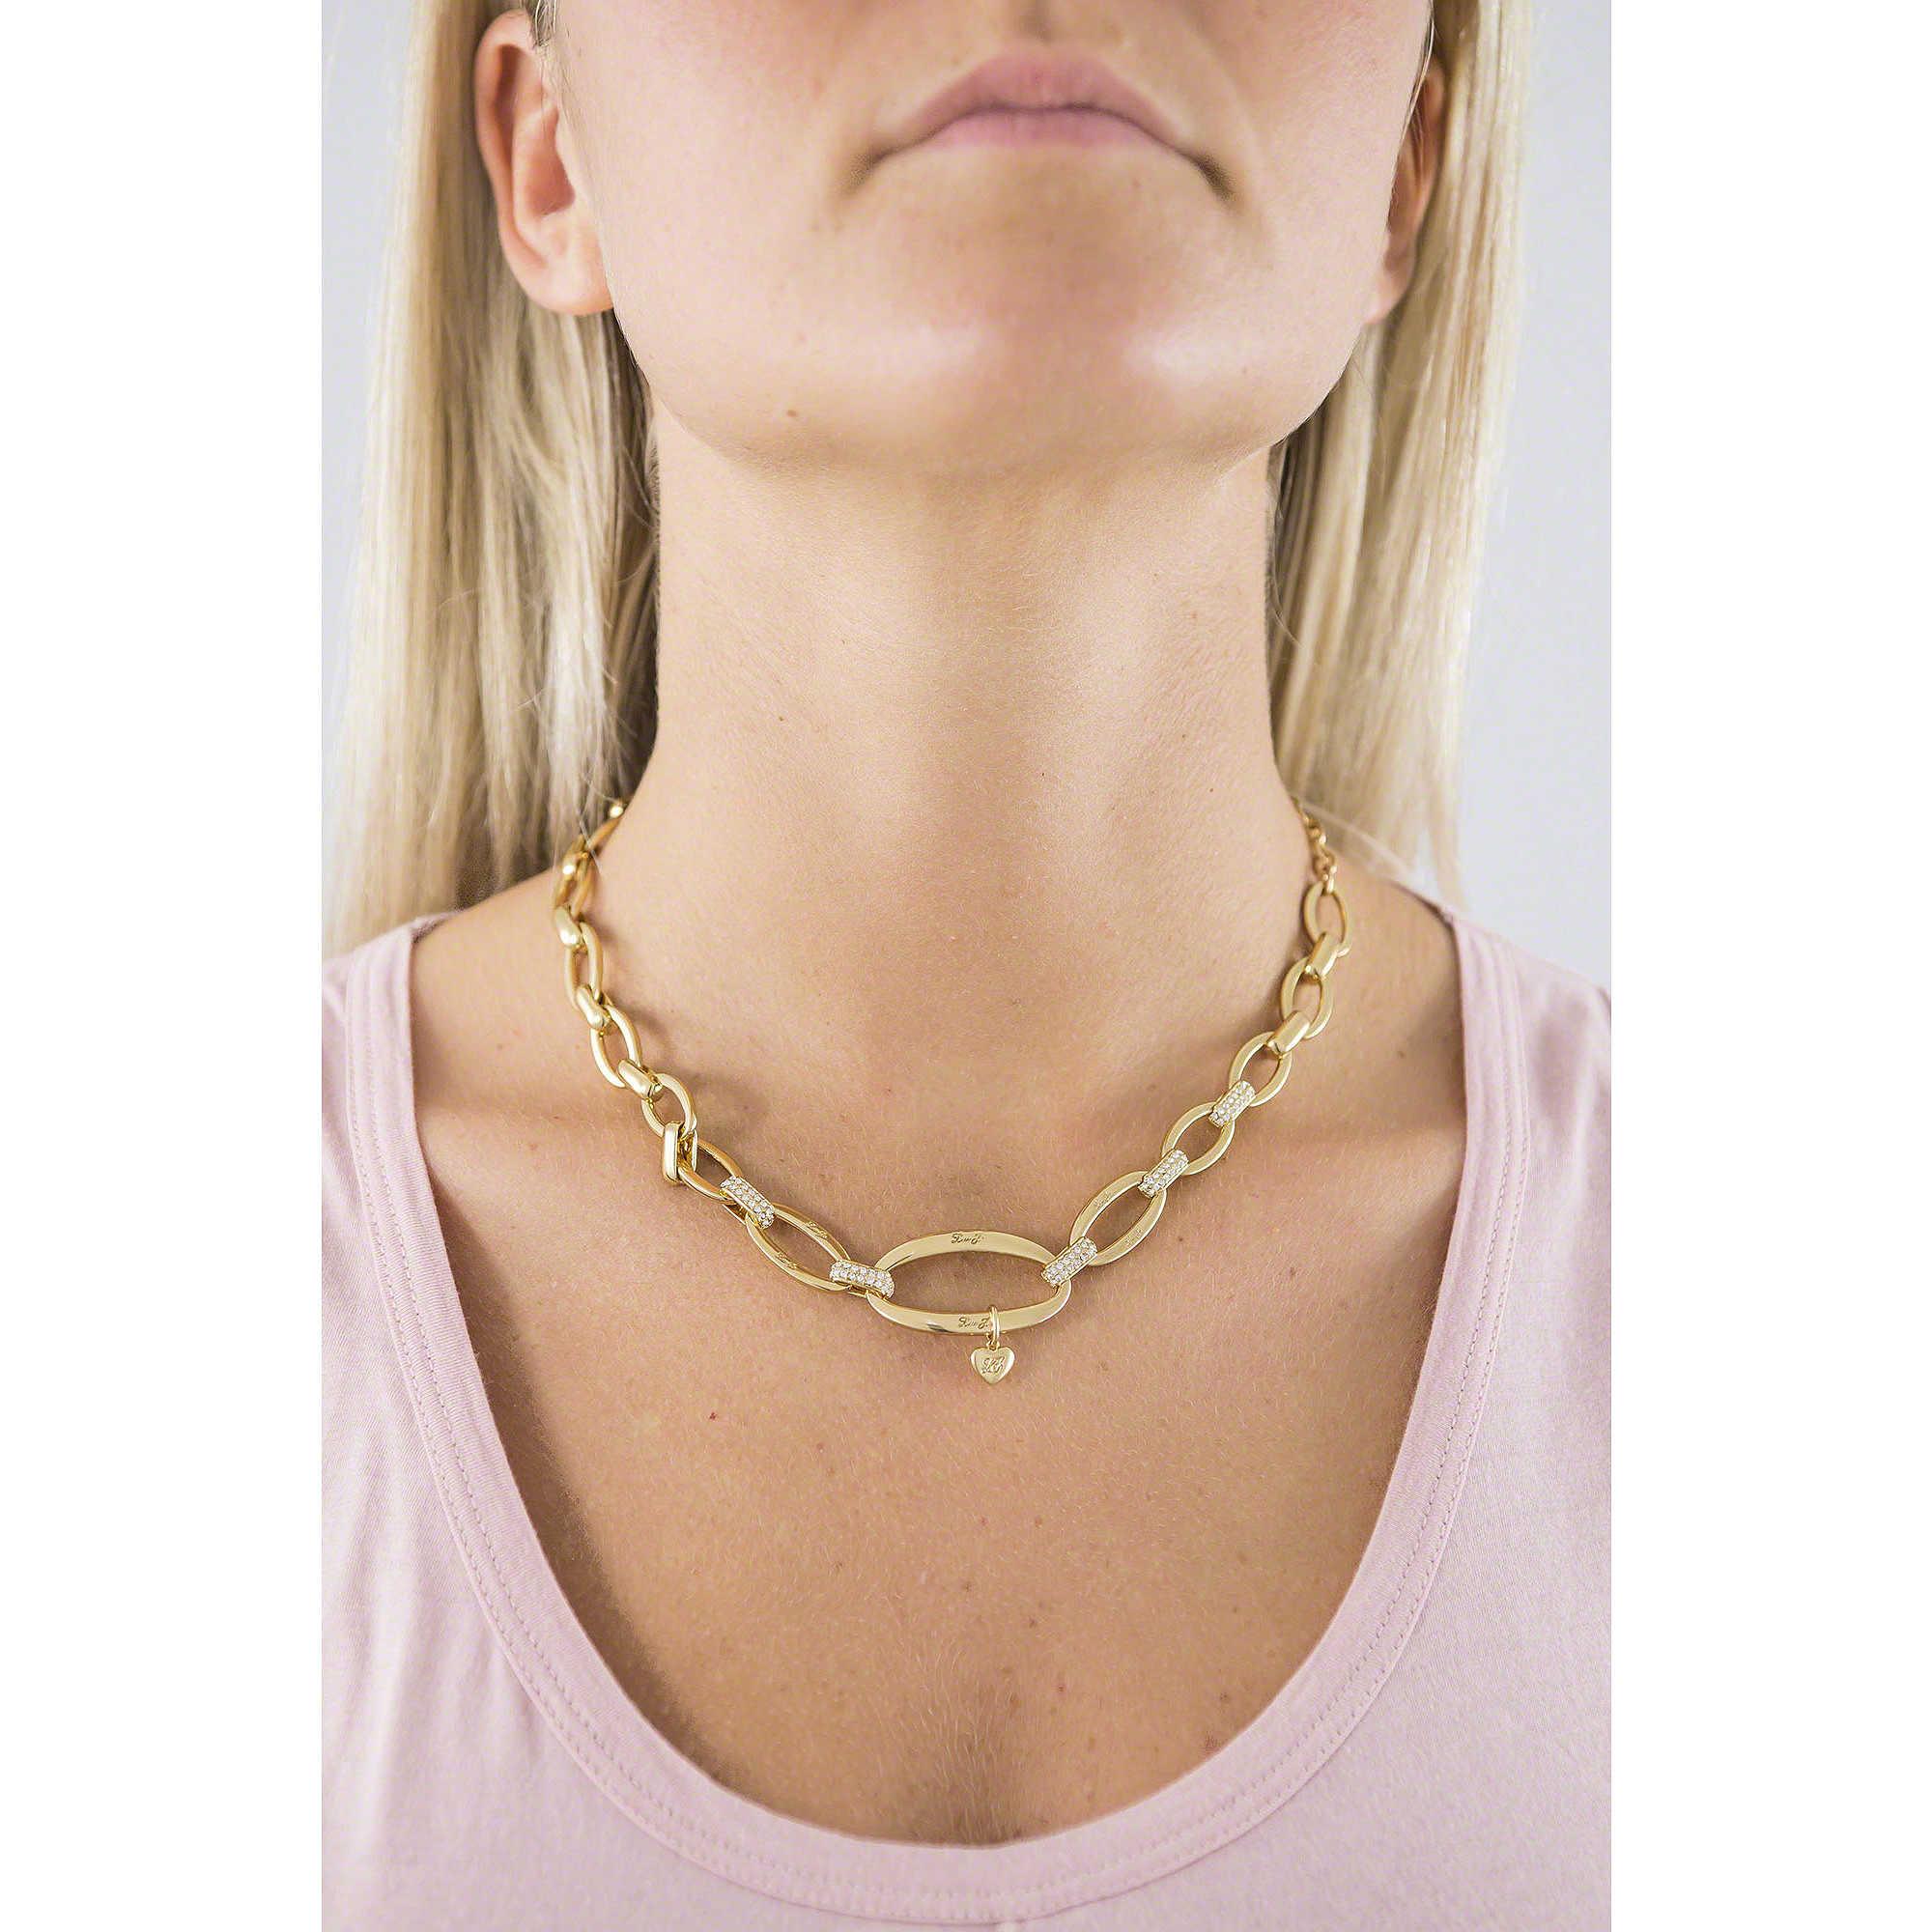 collana donna gioielli Liujo Brass LJ832. zoom. Liujo collane Dolceamara  donna LJ832 indosso. zoom 9b6dea1a8f4